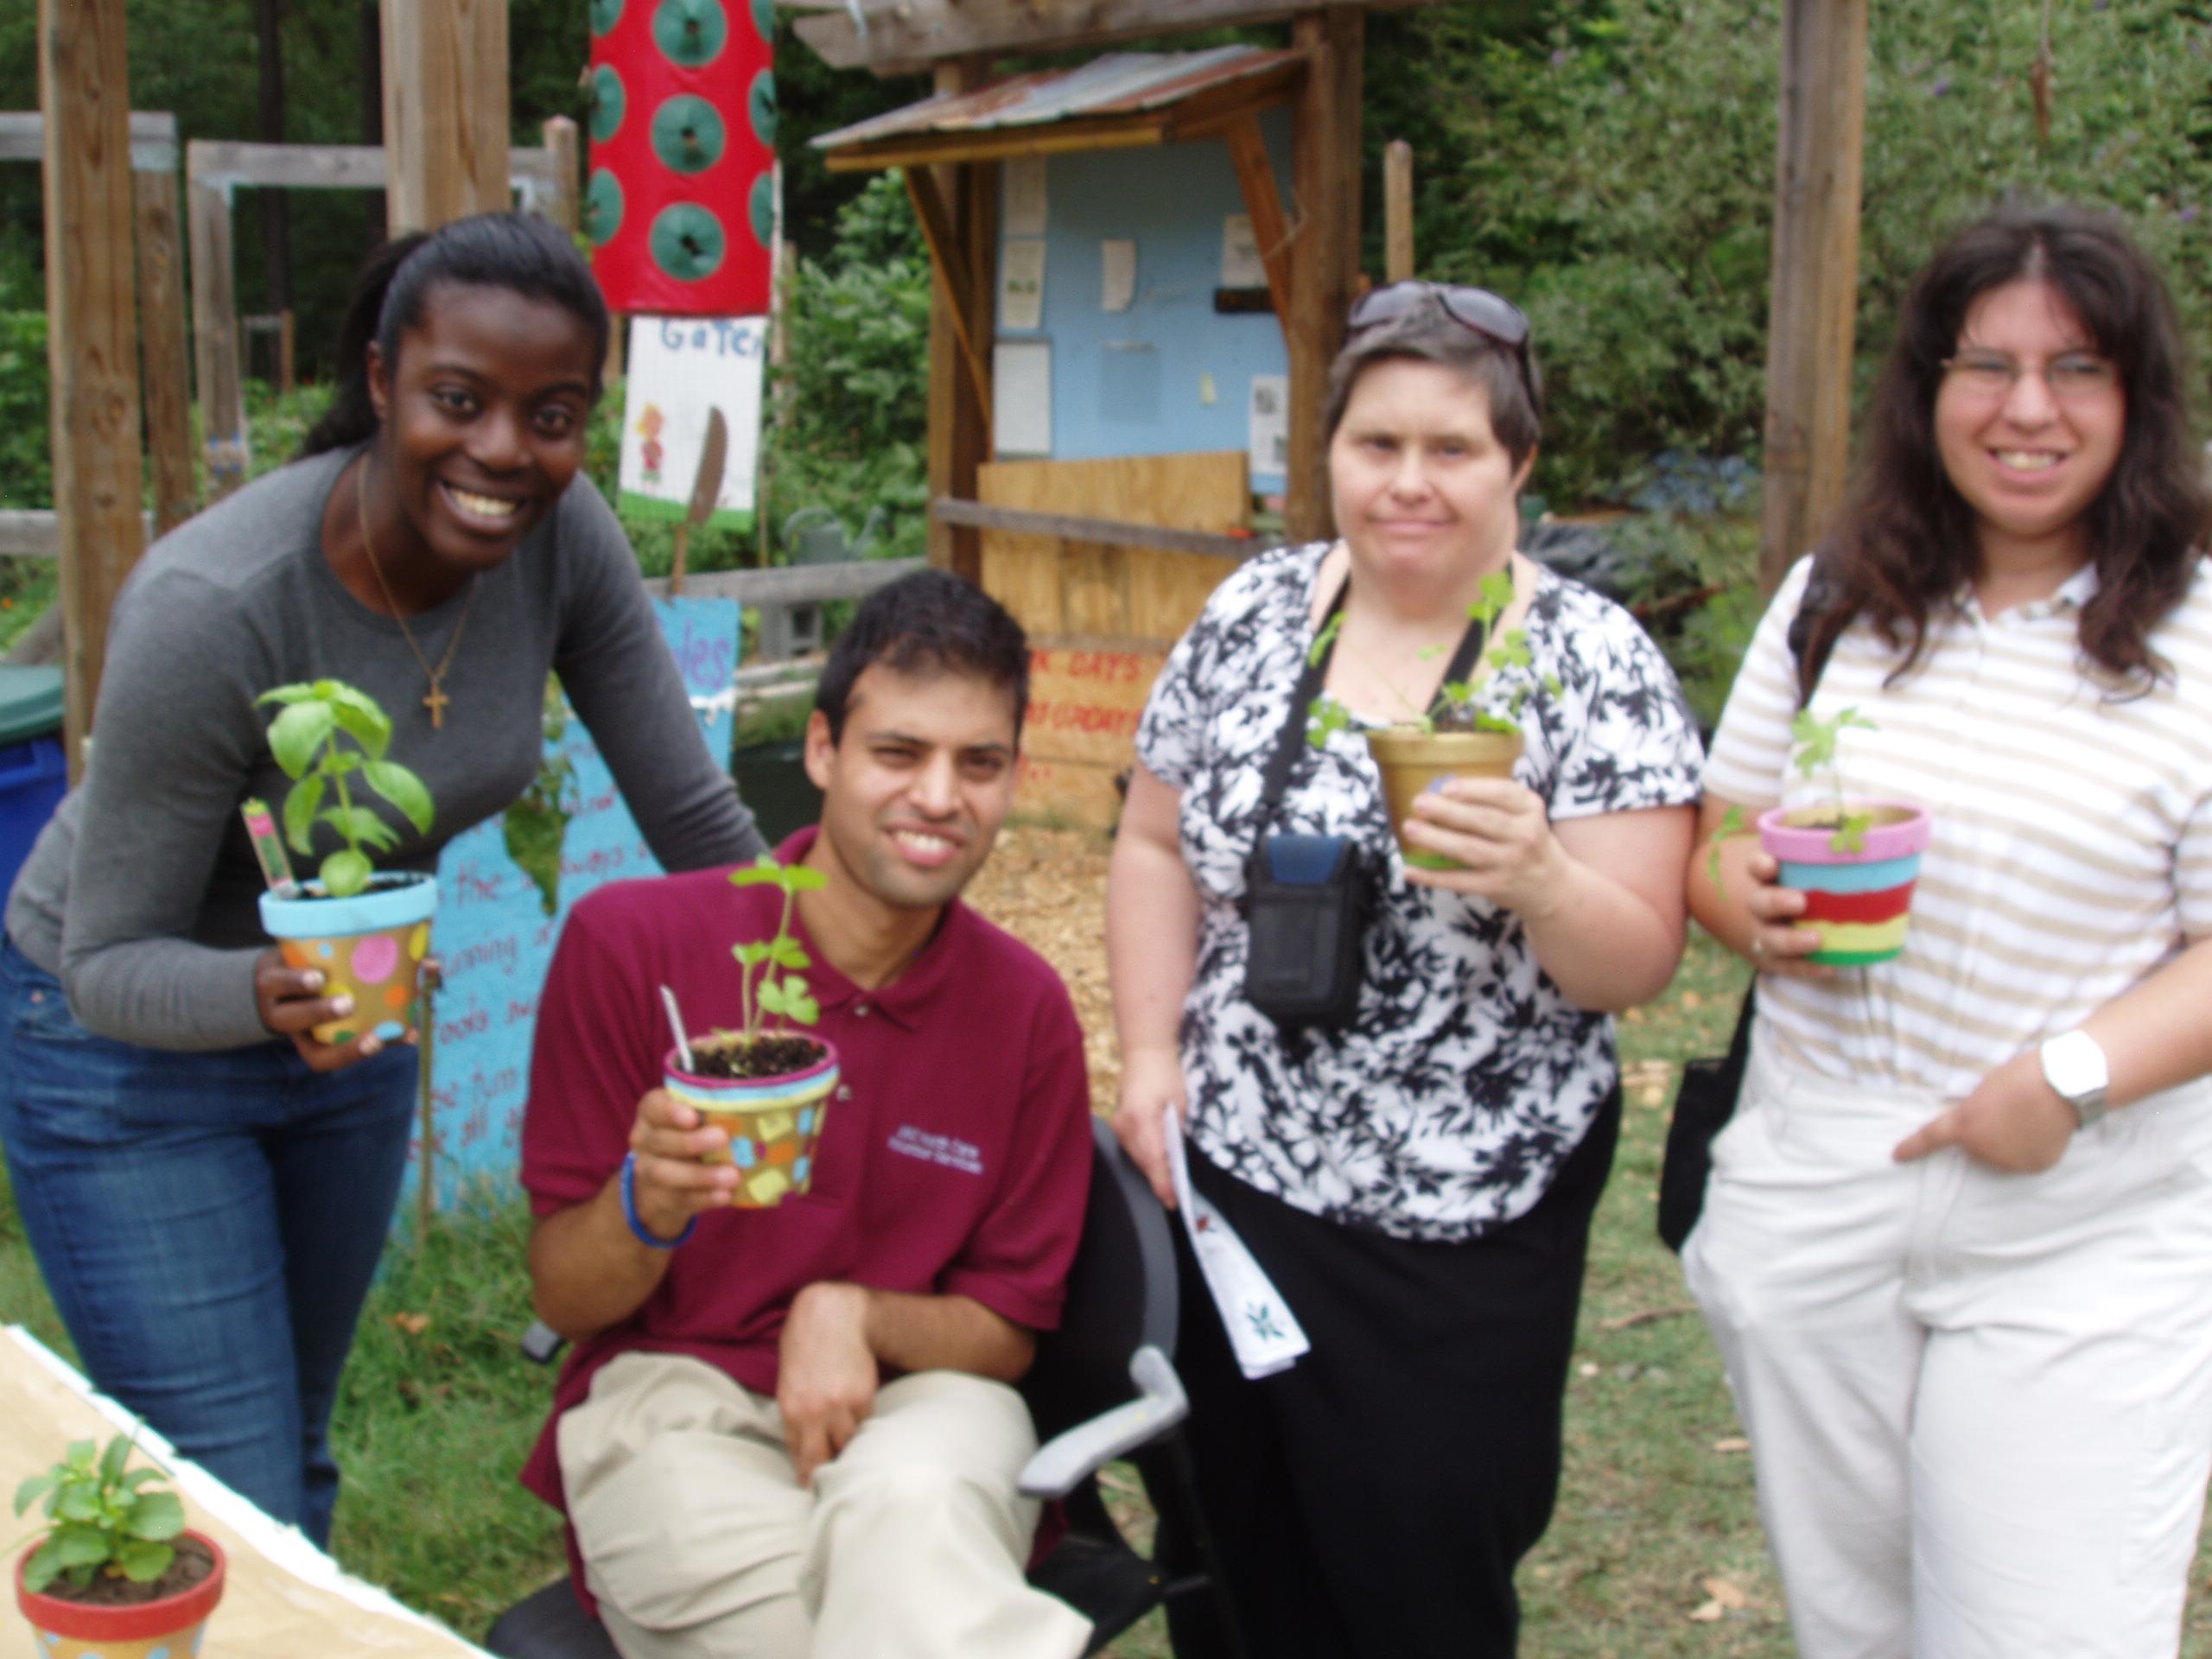 HOPE_Garden_Cooking_Class_Field_Trip_Sept._20_2011_021.jpg